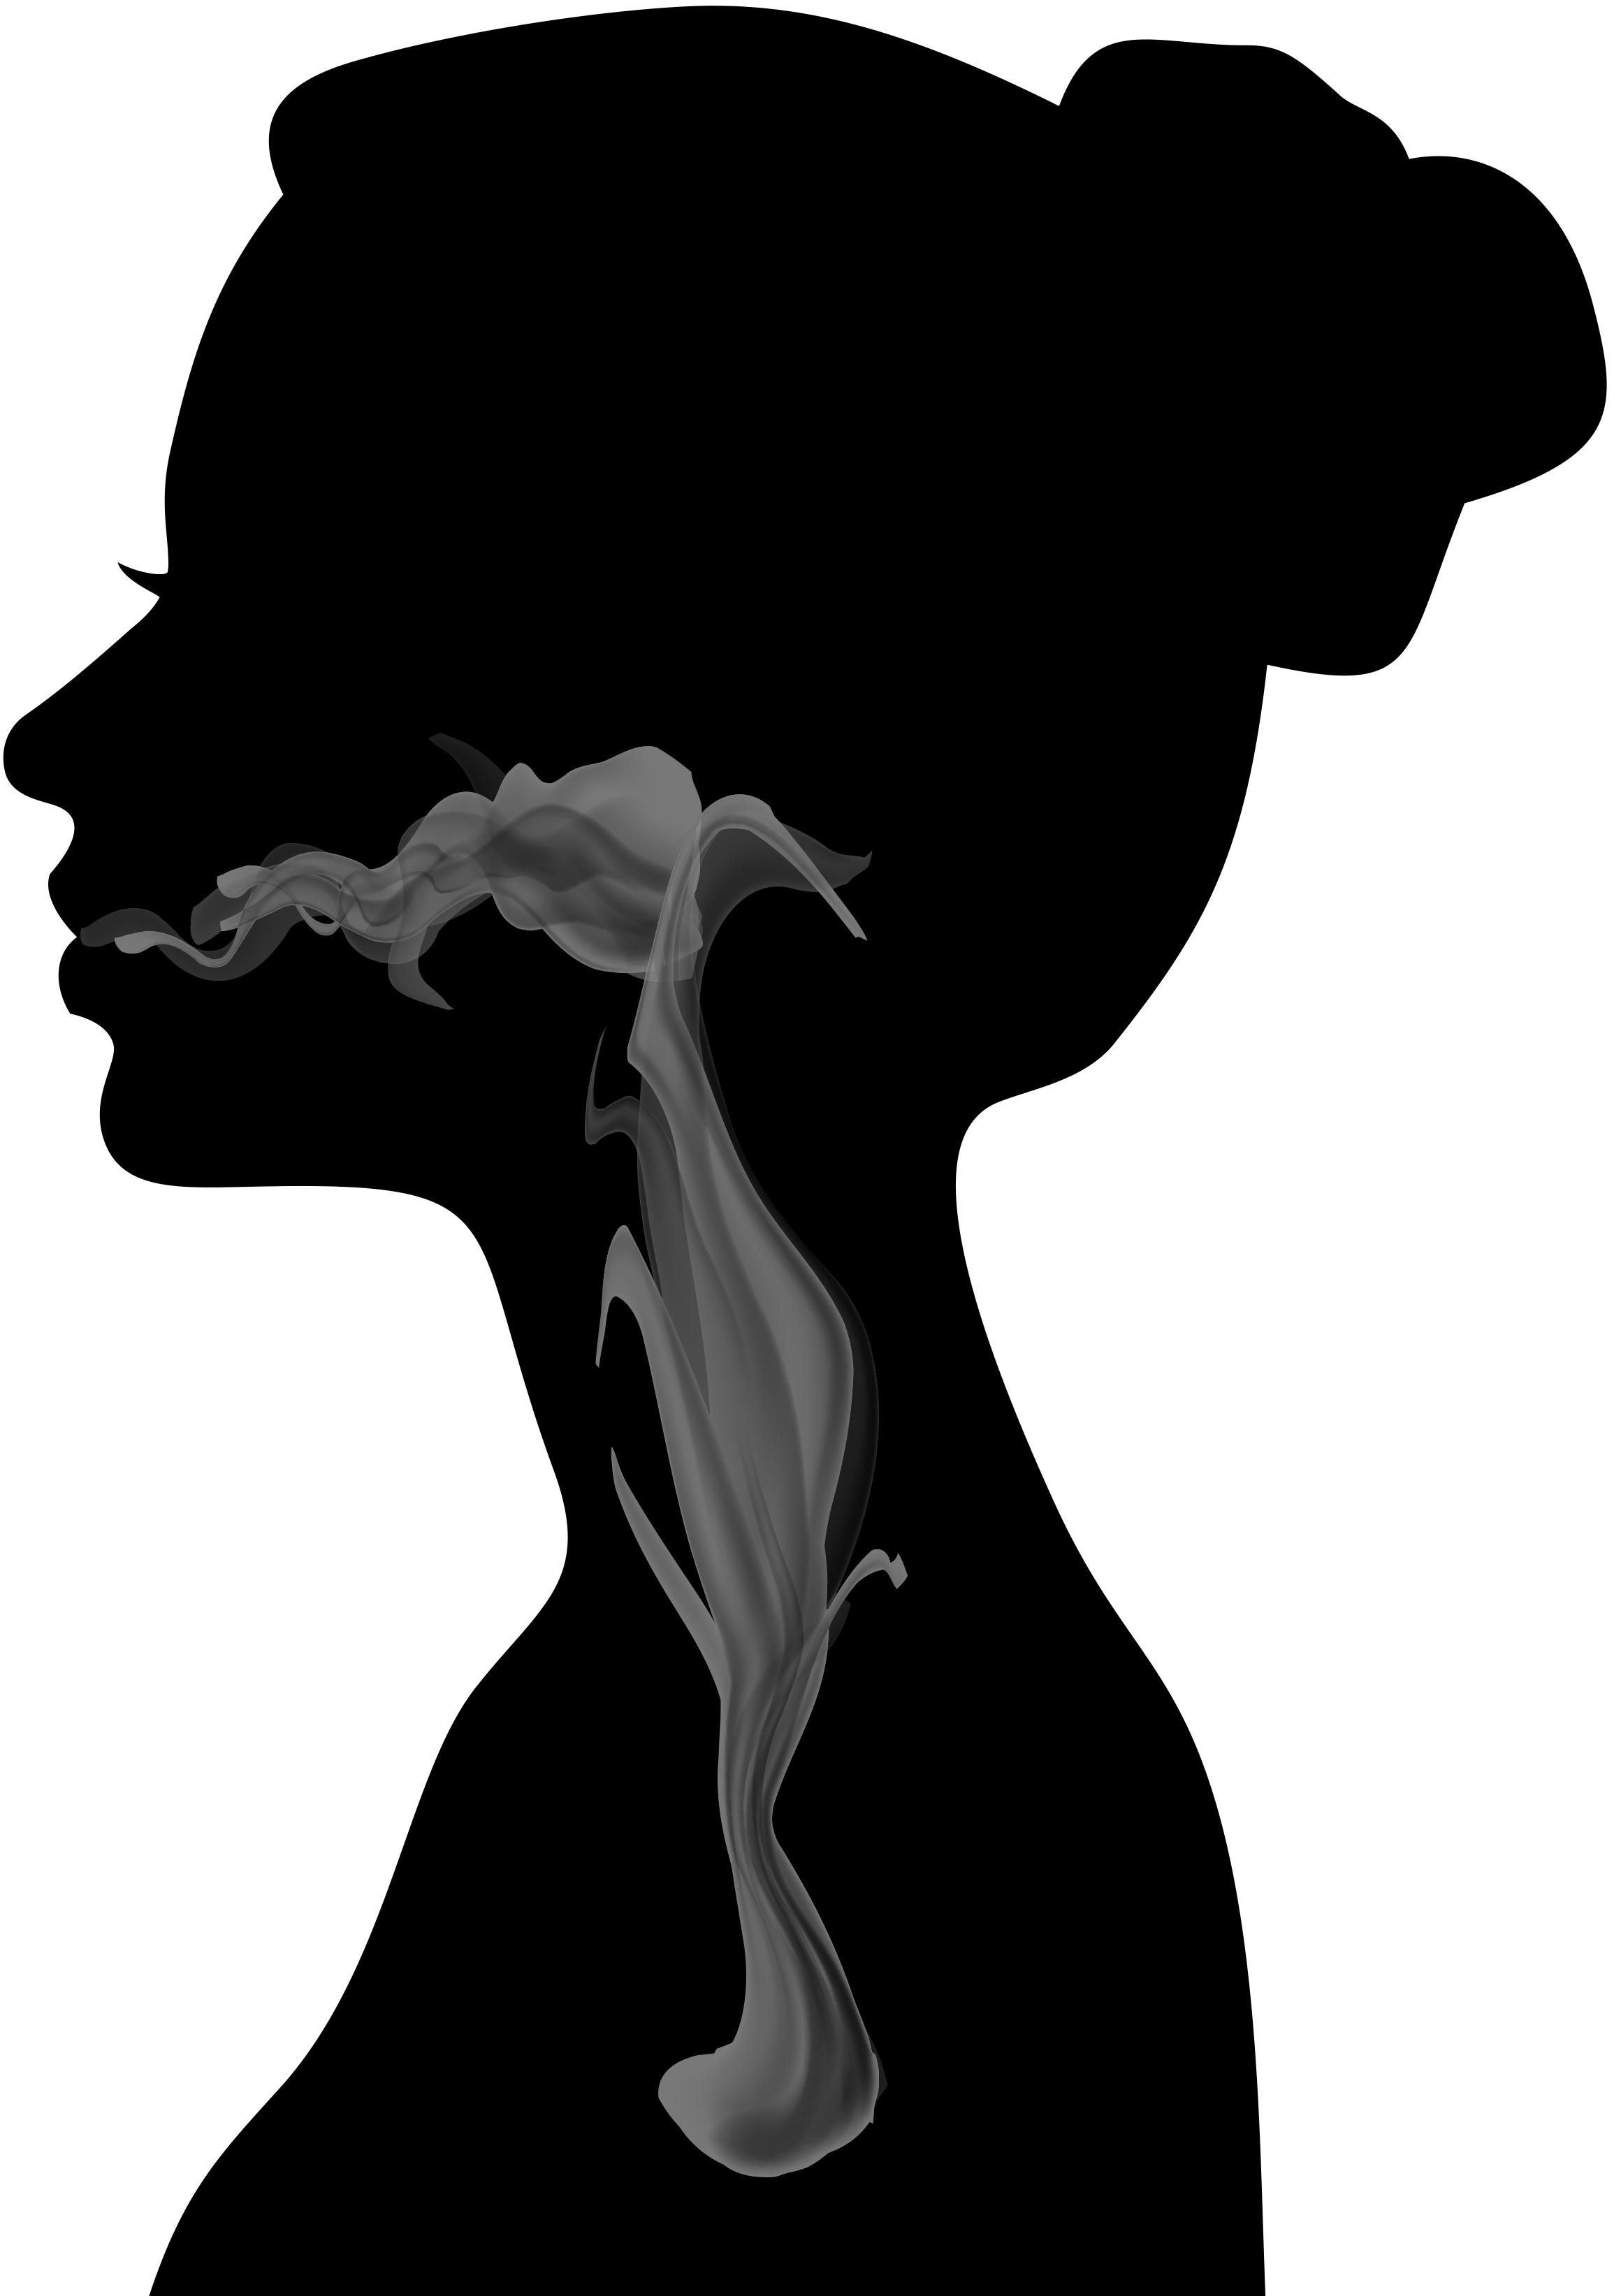 Cigarette électronique : pourquoi est-ce bénéfique pour arrêter le tabagisme ?